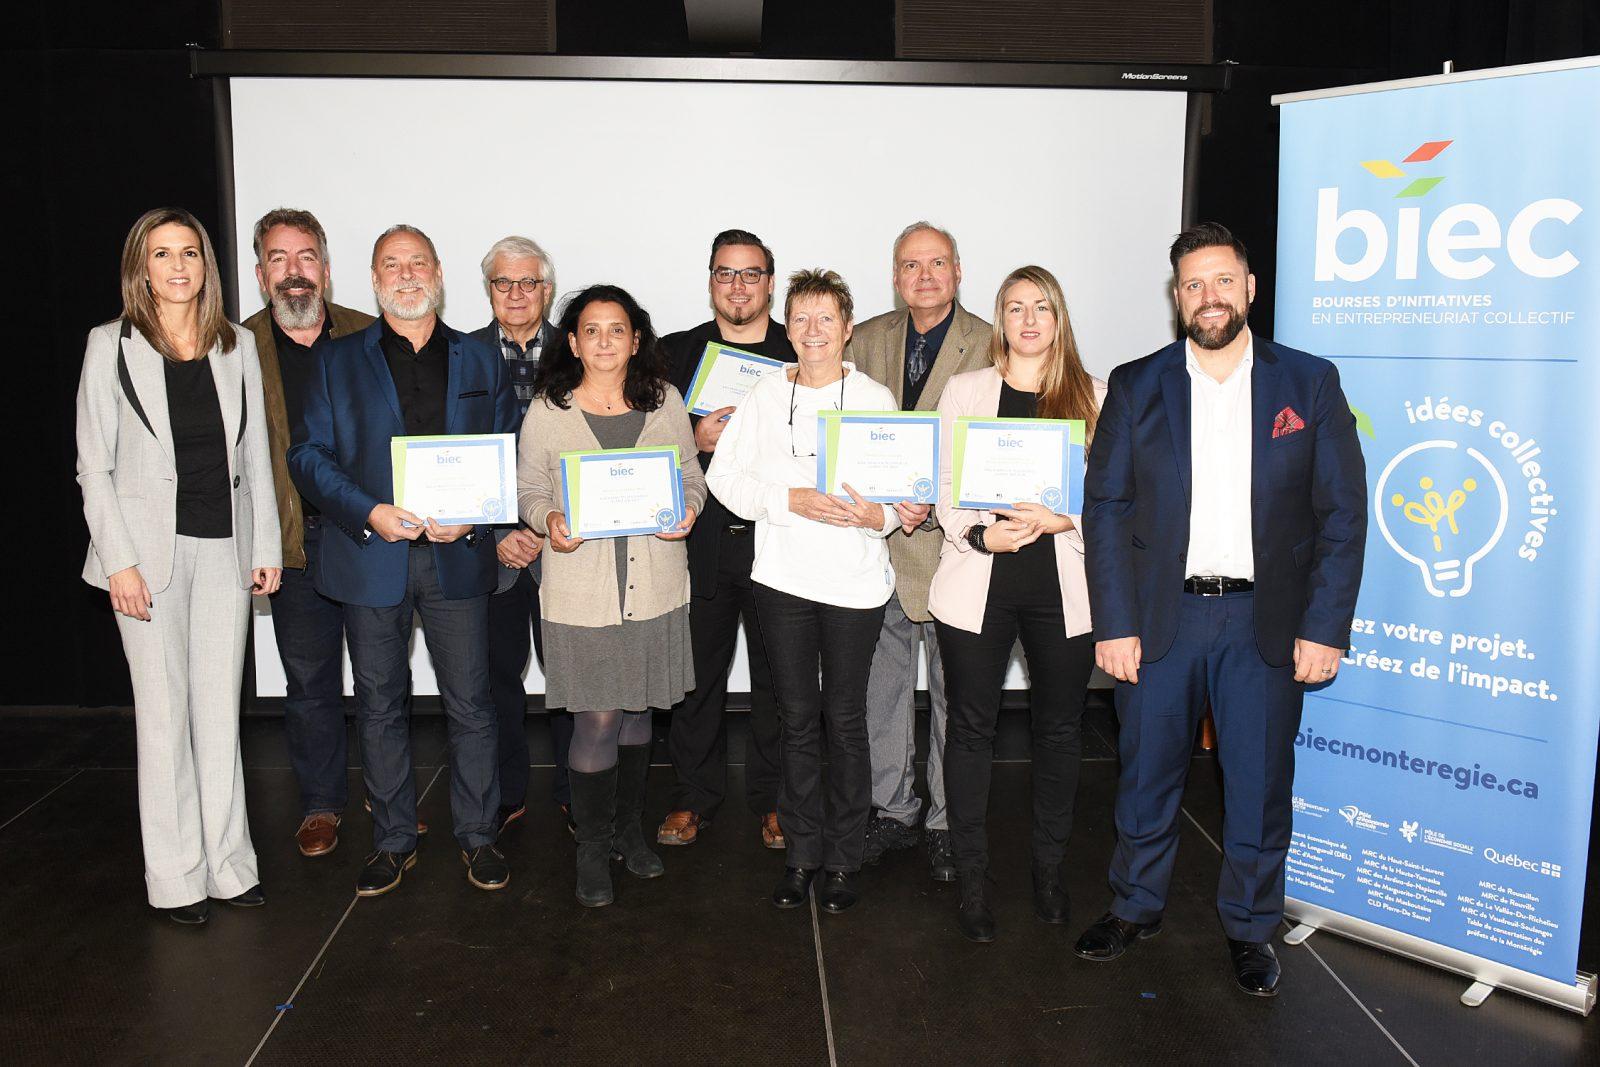 La Maison Gilles-Carle de Boucherville parmi les lauréats de la 1ère édition des Bourses d'initiatives en entrepreneuriat collectif de la Montérégie